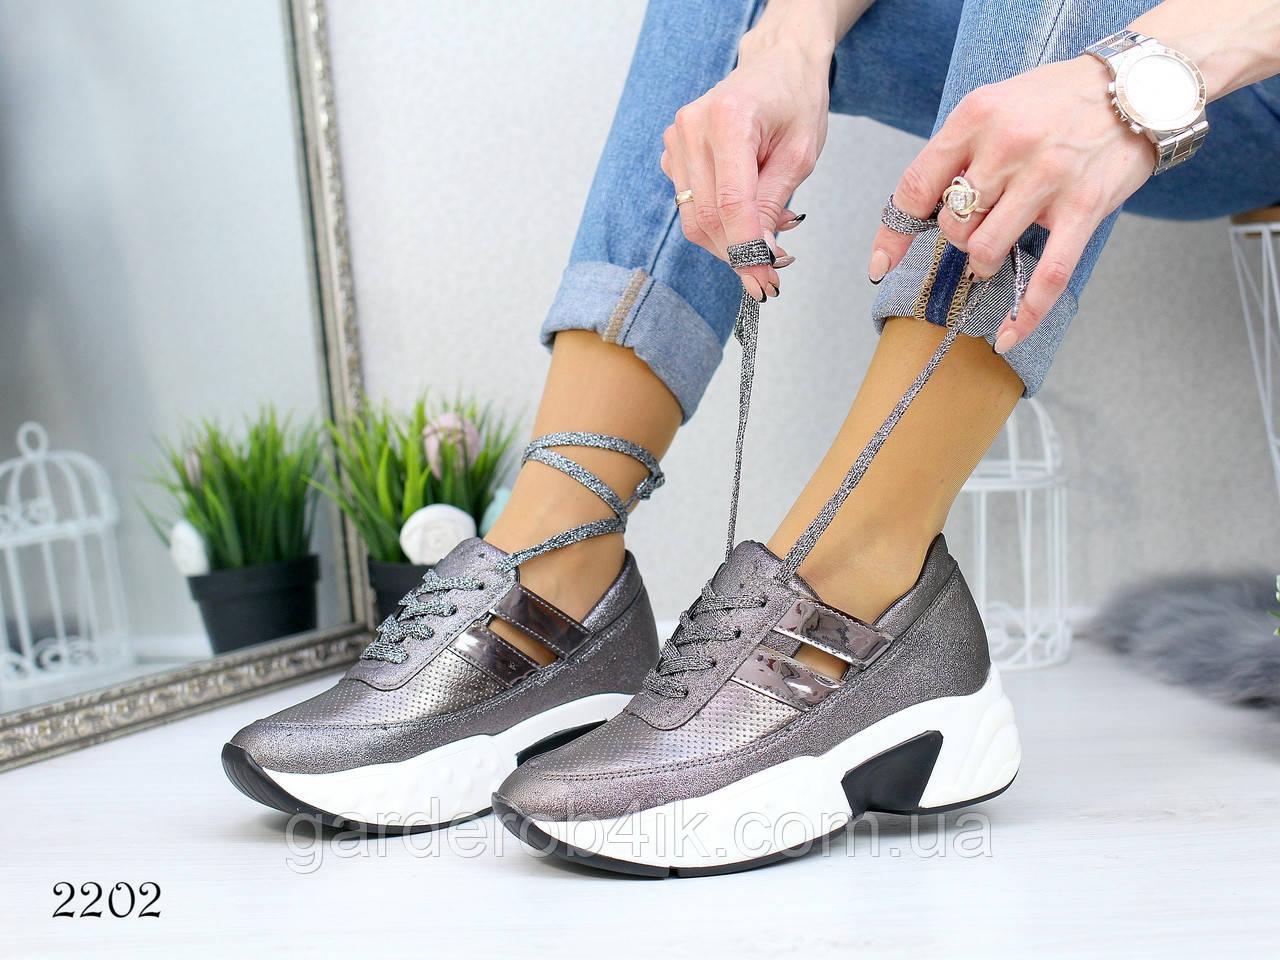 Женские кроссовки на платформе, цвет бронзовый